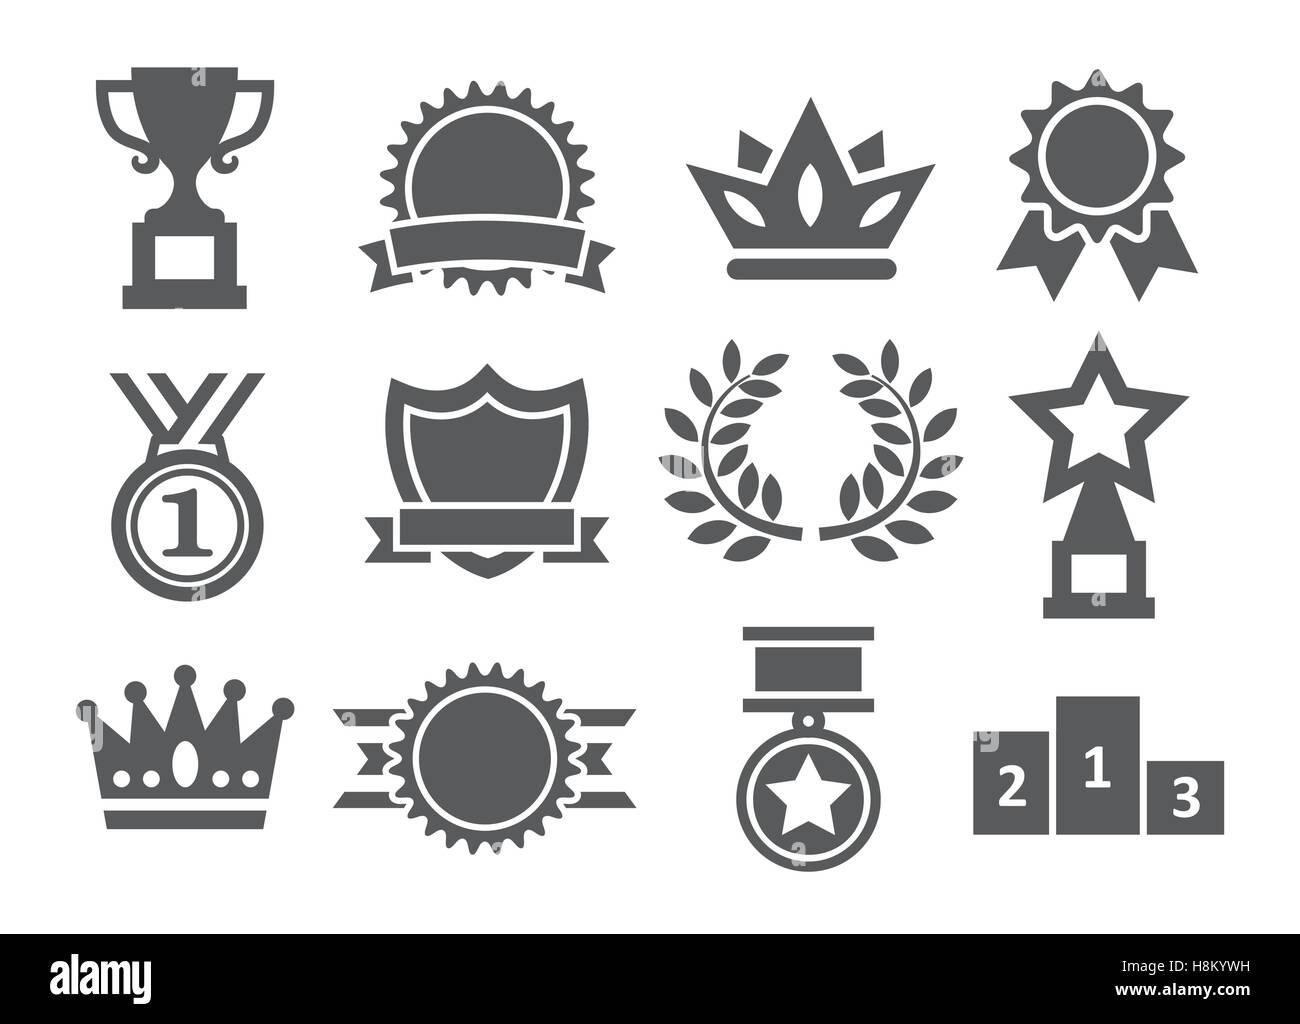 Awards icons - Stock Image